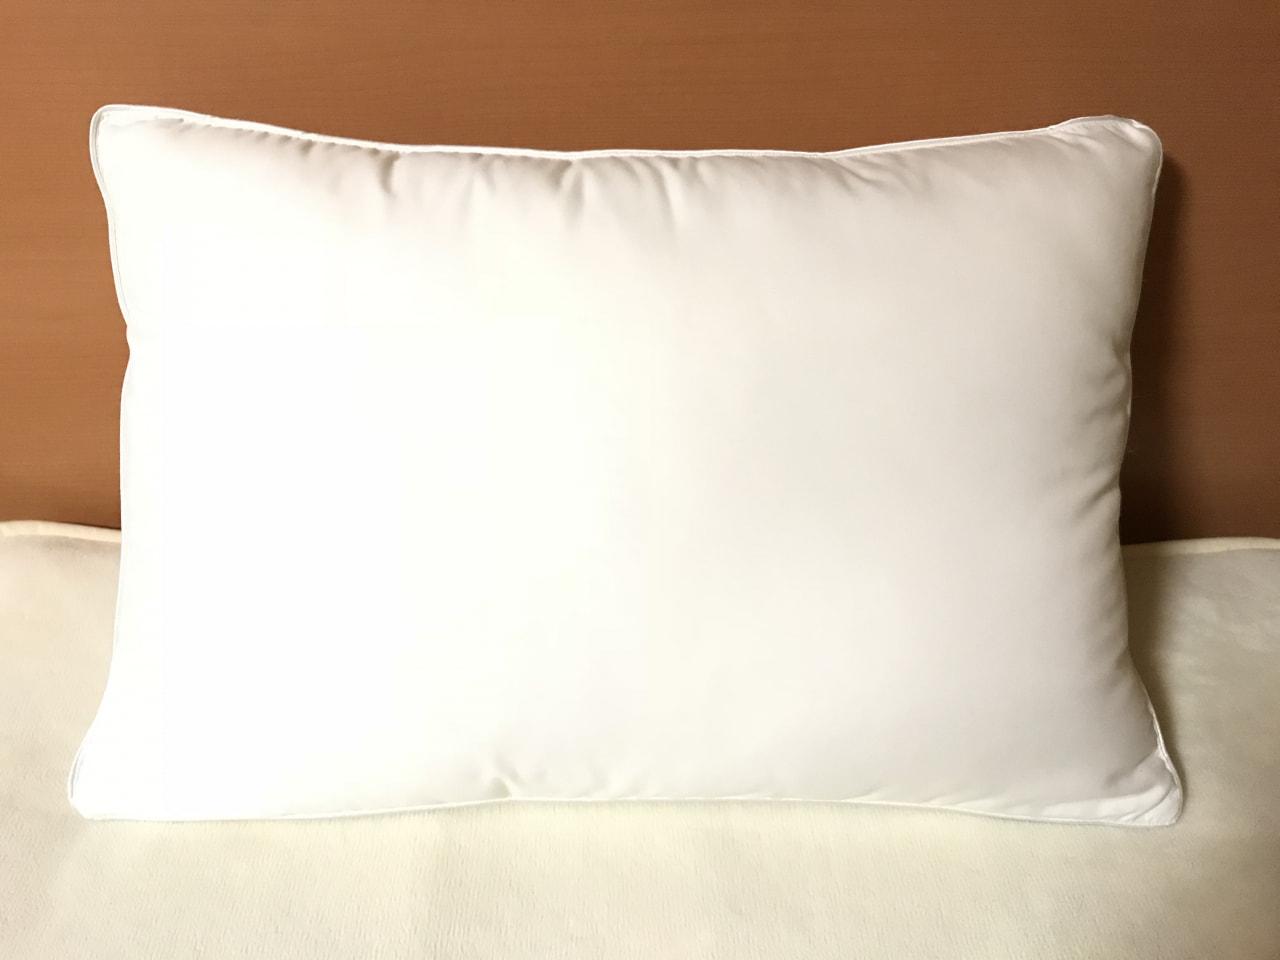 ホテル枕zzz…